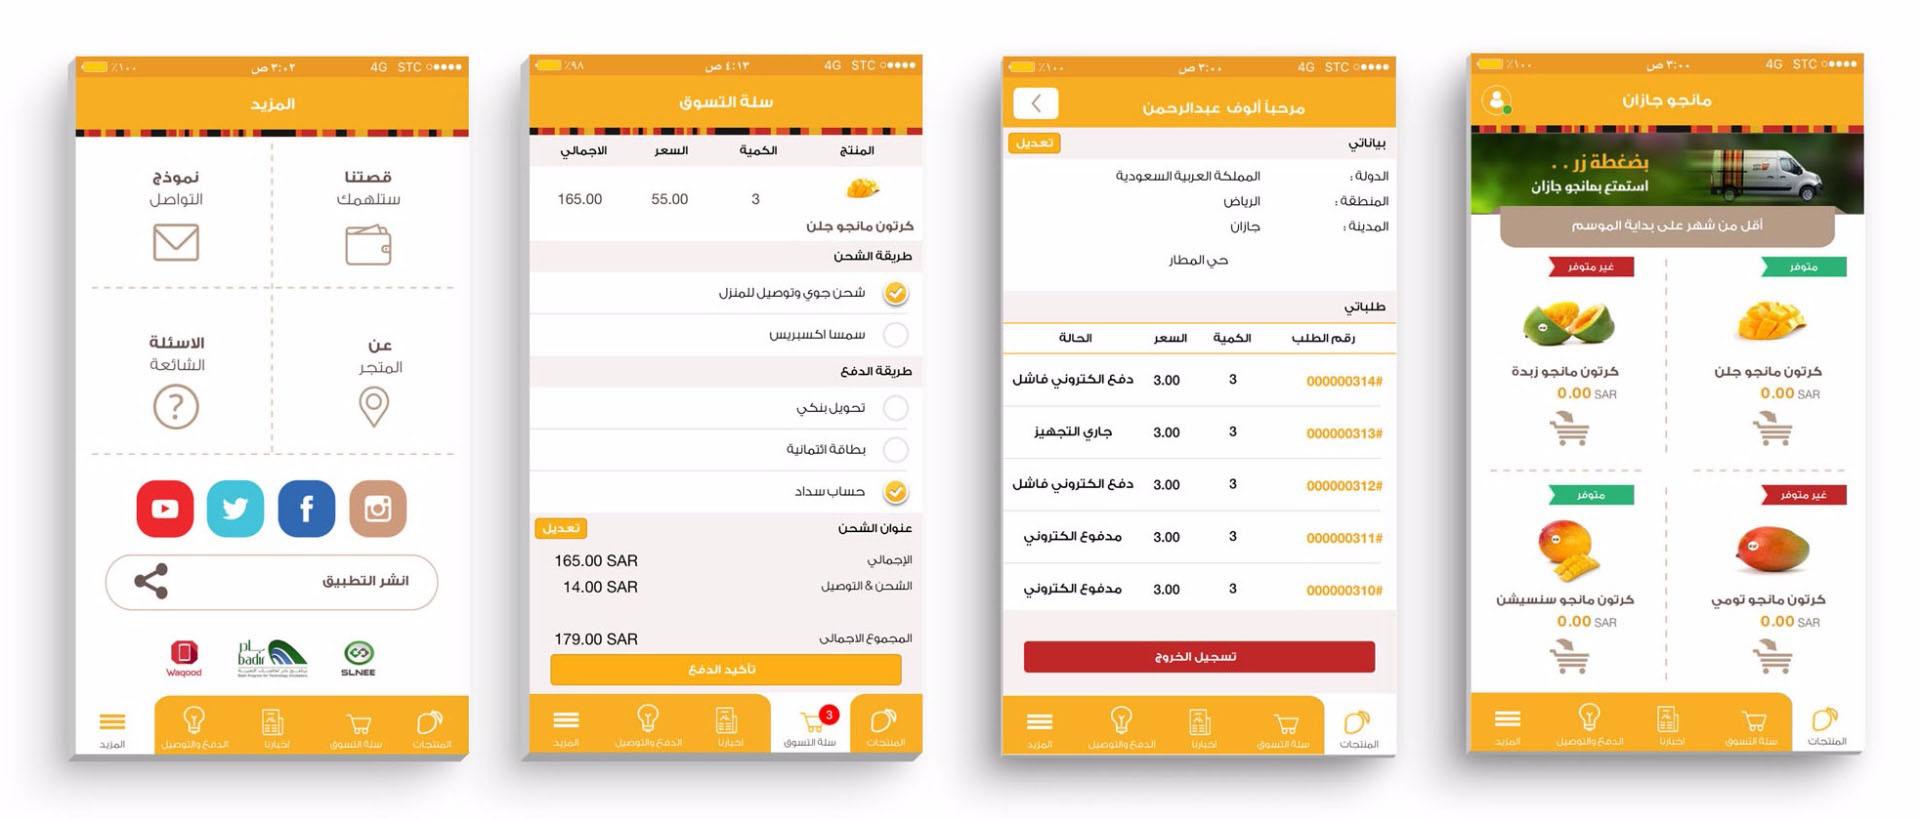 mangomobile - تطبيق مانجو جازان يطلق تحديث جديد متوفر الآن على متجر بلاي ستور وiOS